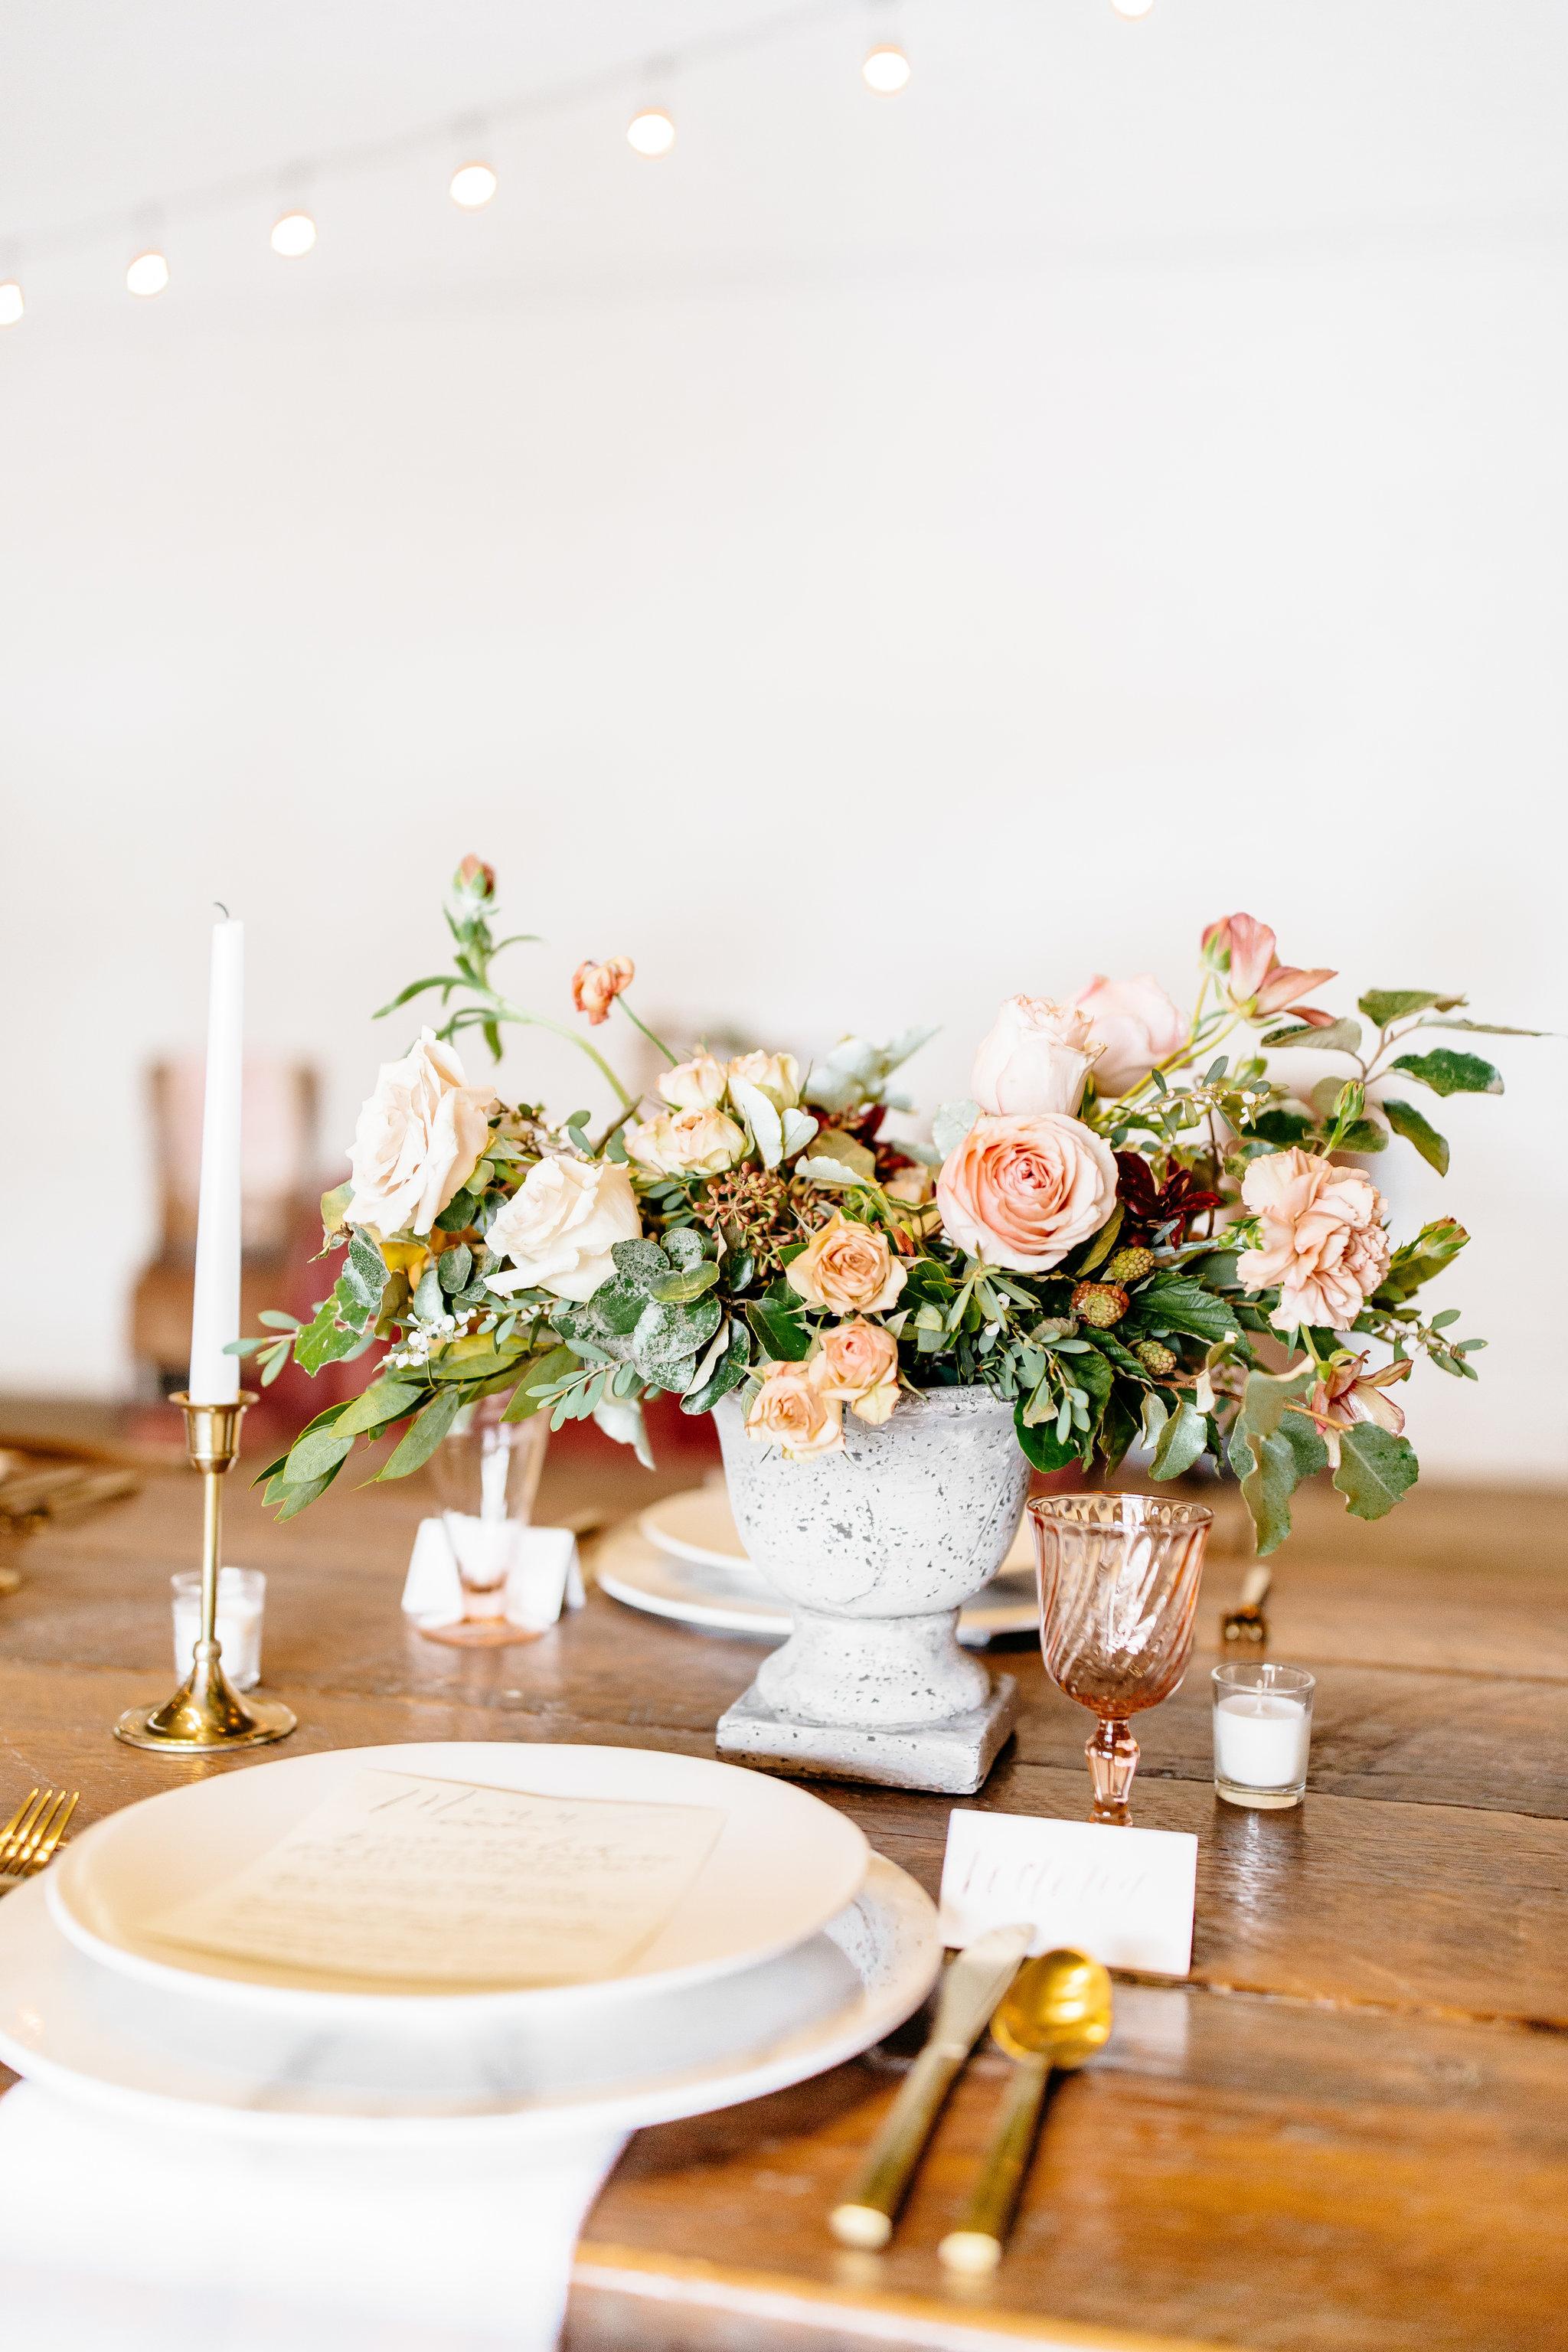 Alexa-Vossler-Photo_Dallas-Wedding-Photographer_Photoshoot-at-the-Station-McKinney_Empower-Event-83.jpg